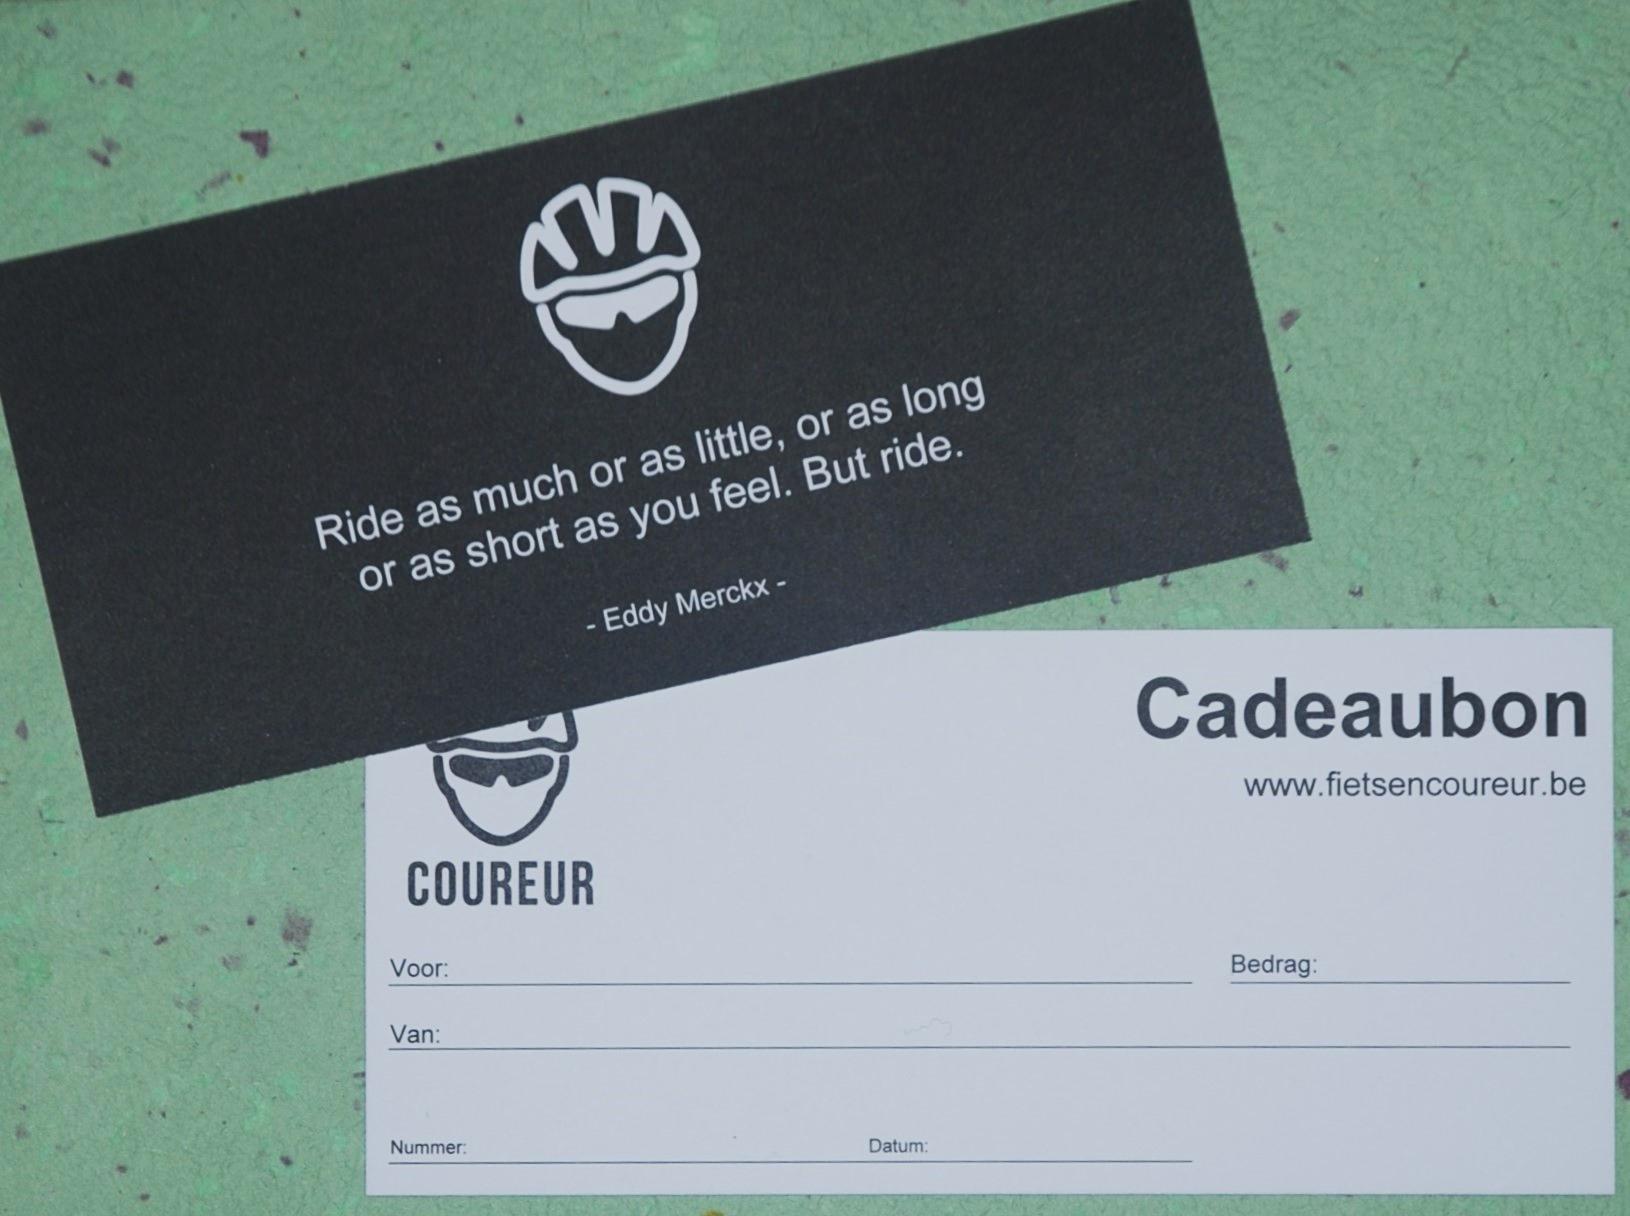 Cadeaubon Coureur het beste cadeau voor een fietser